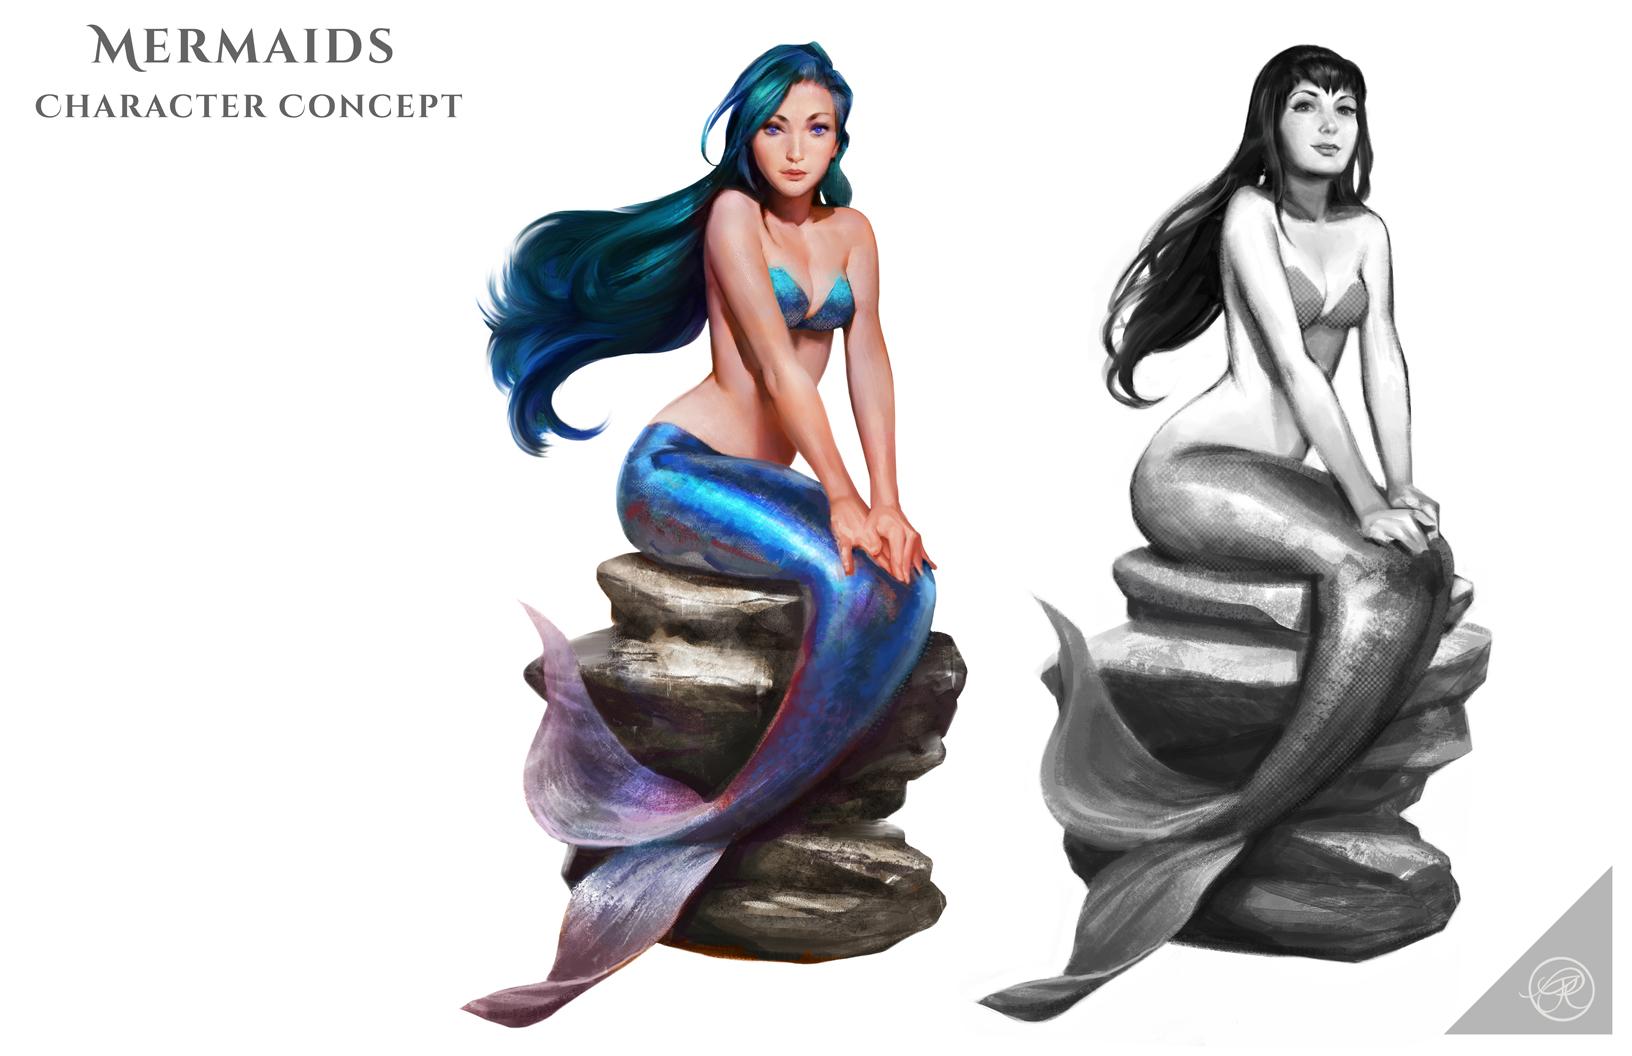 Ryan_alexander_lee_Mermaids.jpg